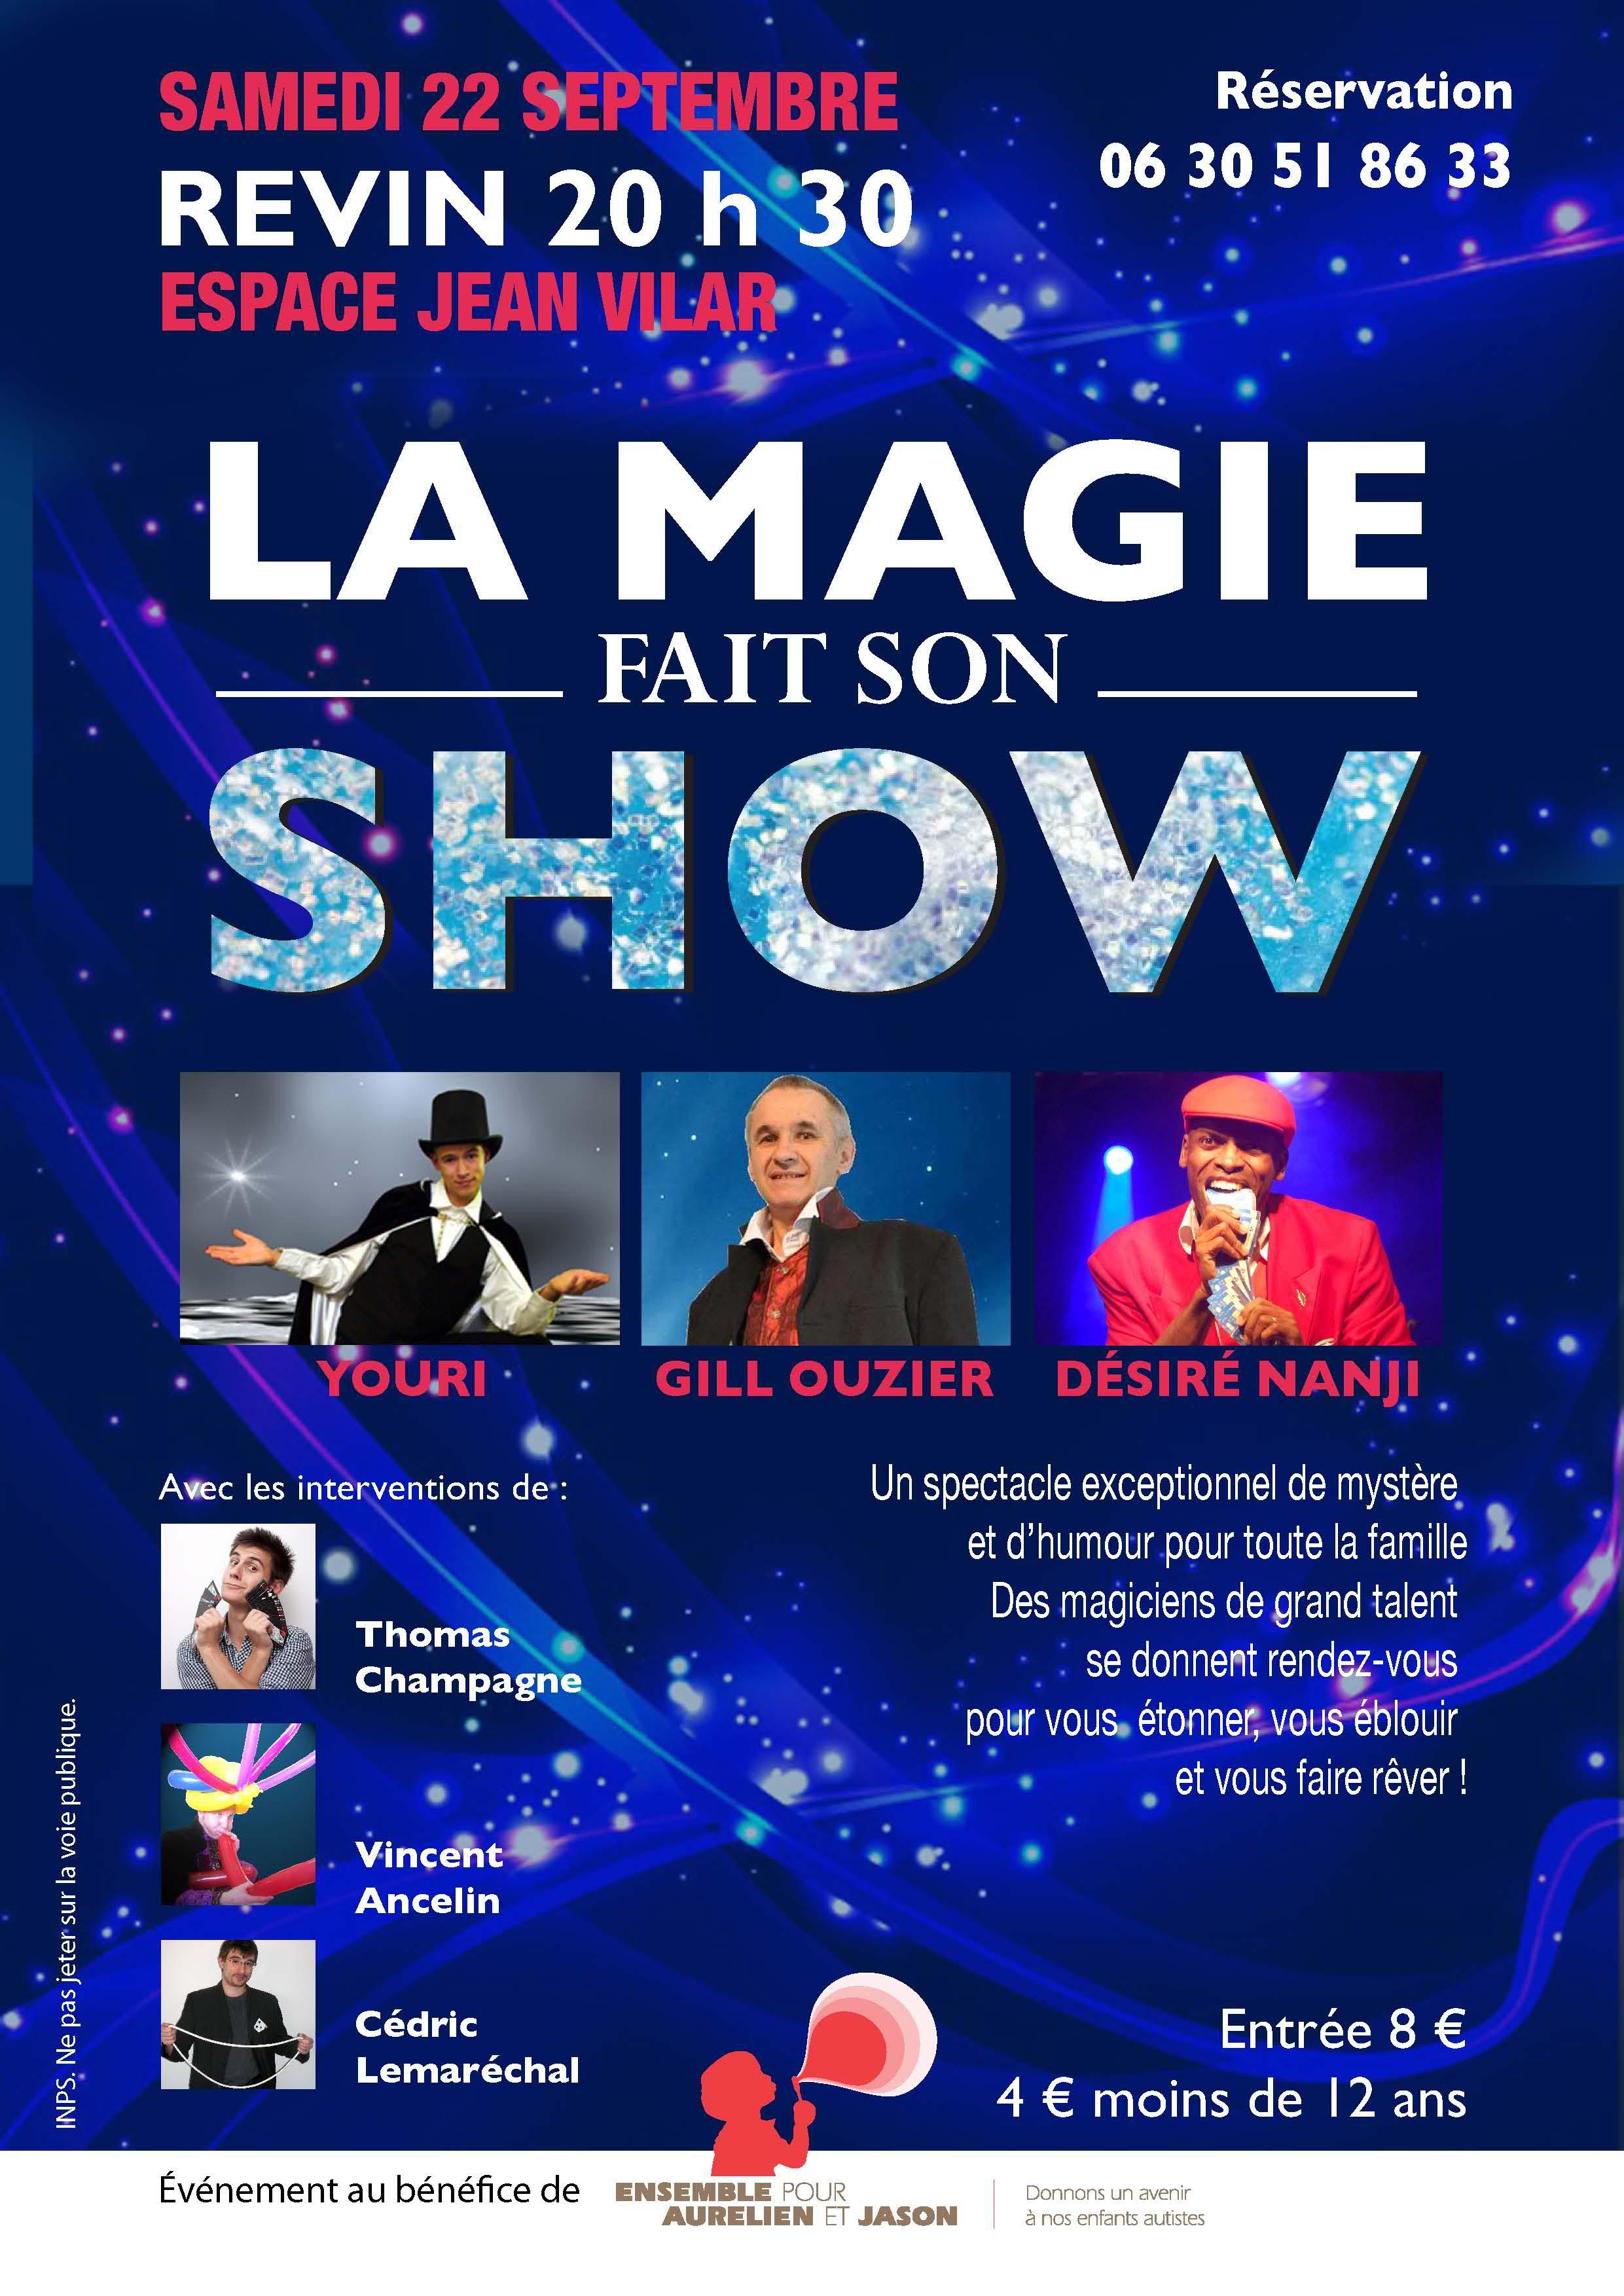 Célèbre REVIN – Autisme : « La magie fait son show » à l'Espace Jean Vilar  PV86